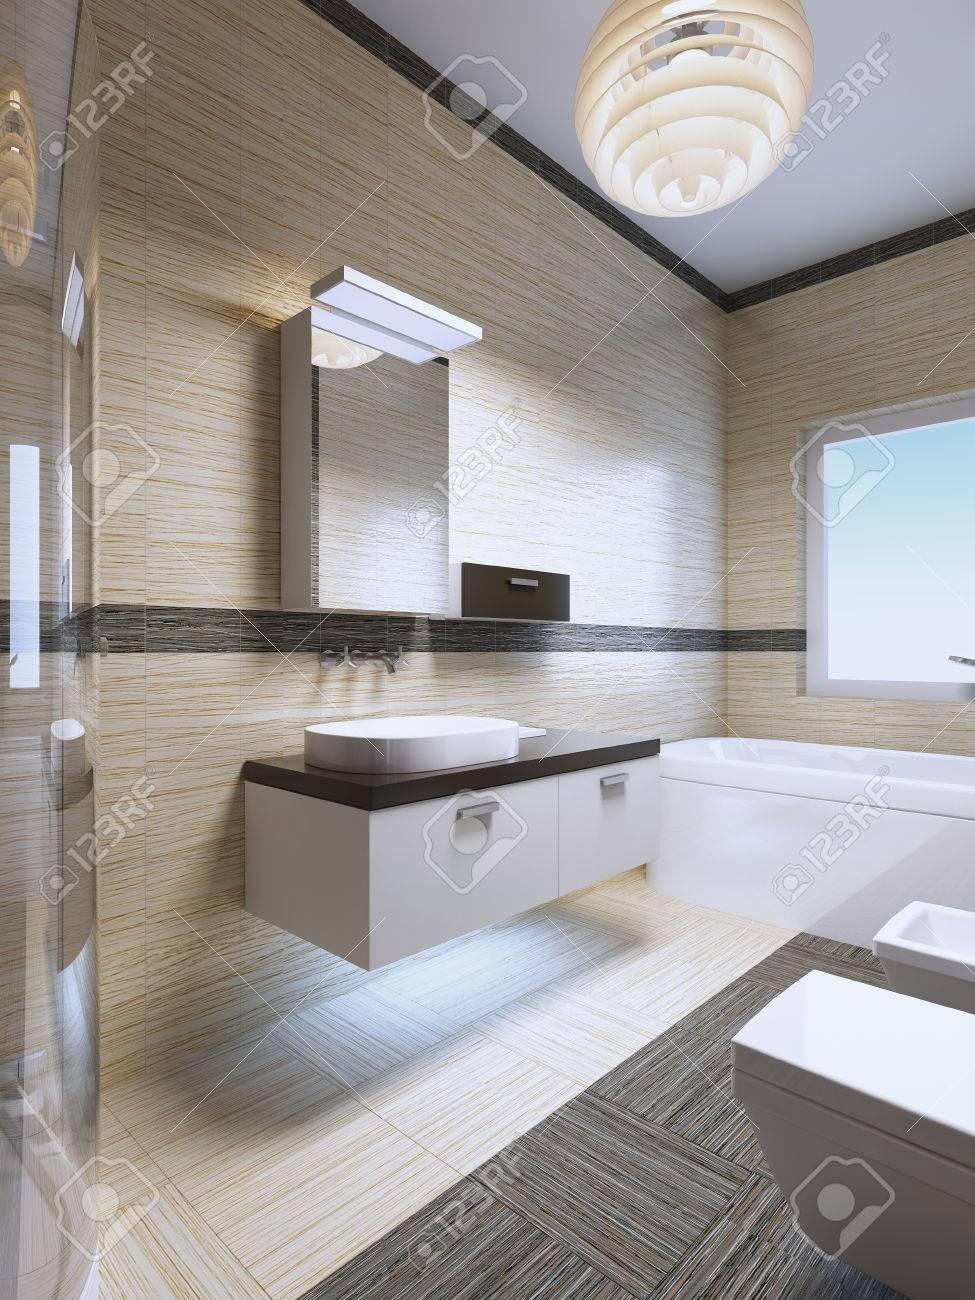 Badezimmer Möbel Ideen. Hängende Möbel In Der Farbe Weiß Mit Schwarzen  Verzierungen.